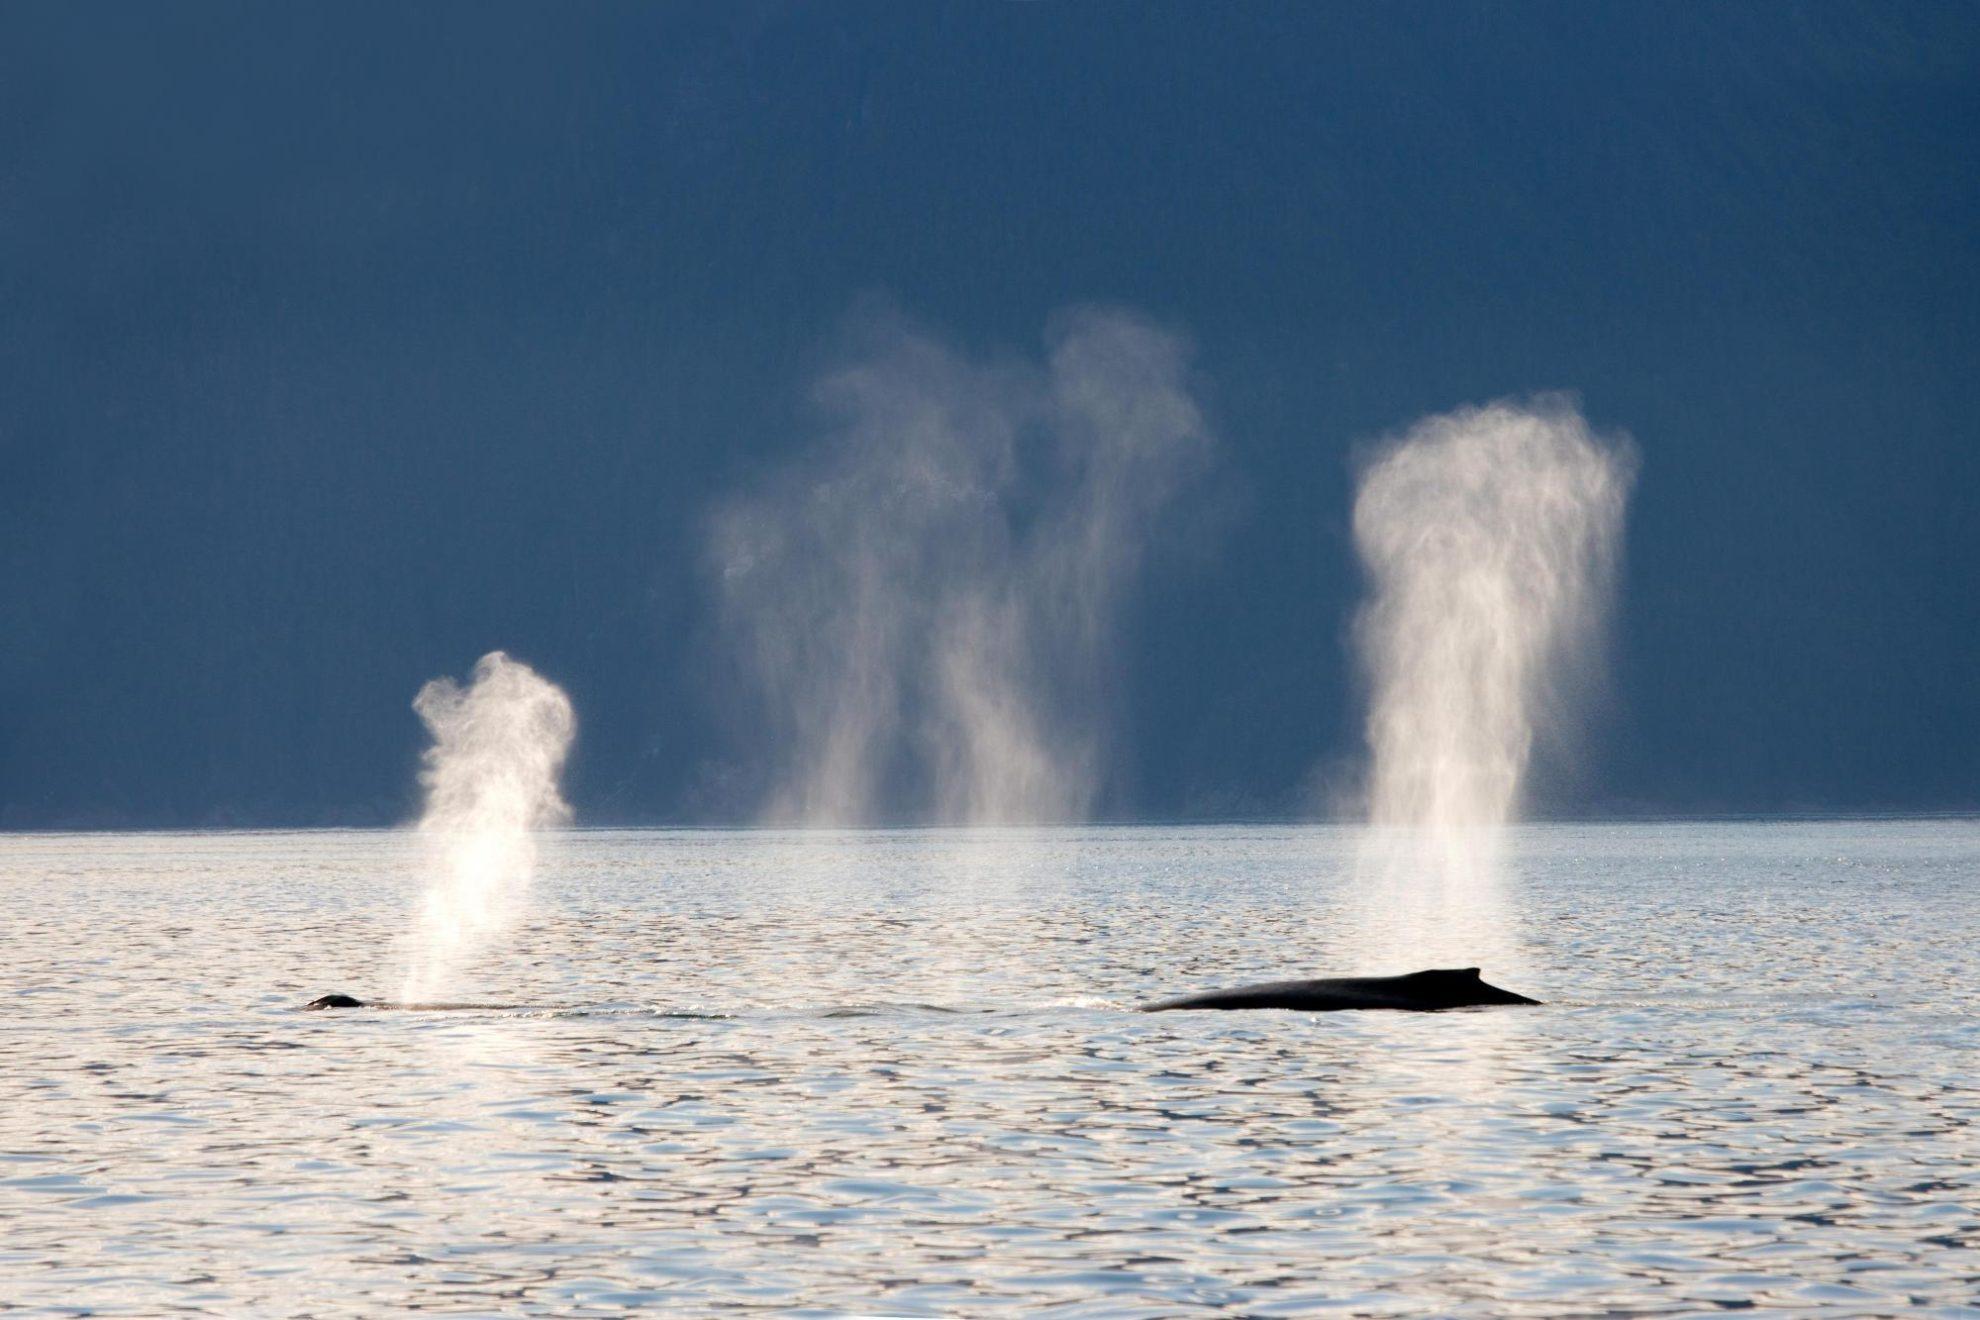 Наблюдение за китами это невероятно интересно.